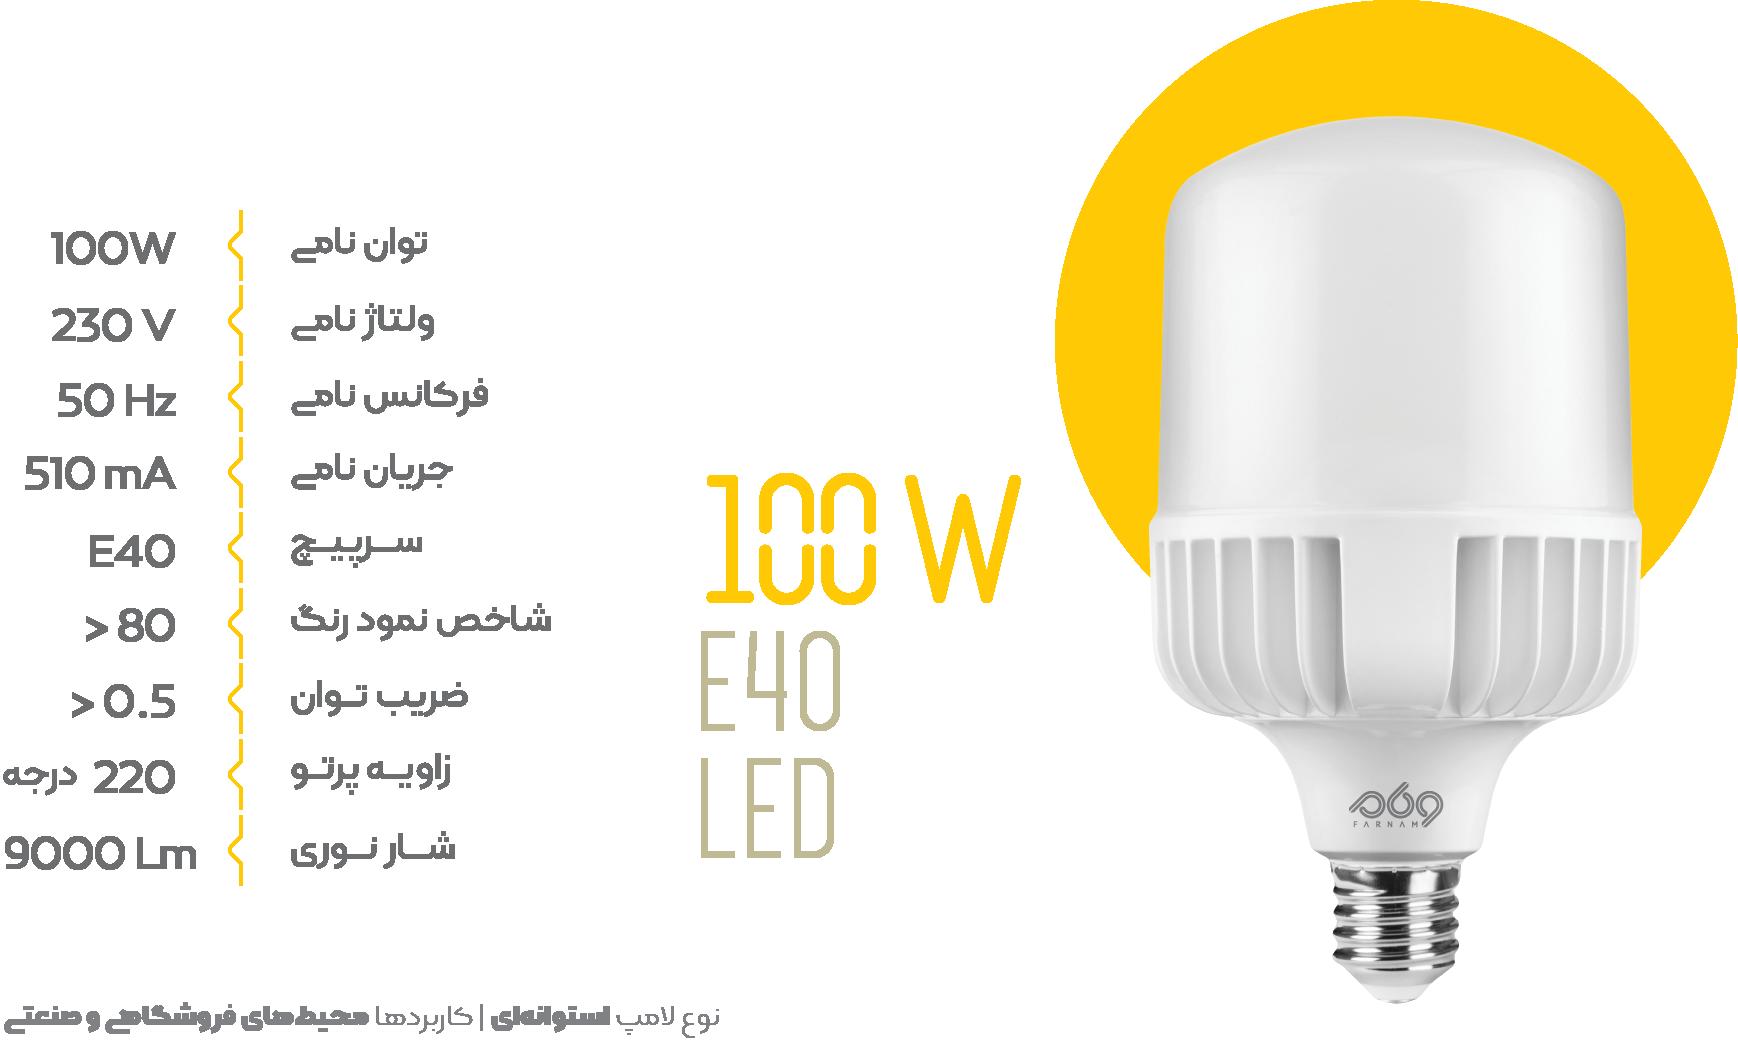 لامپ 100 وات استوانه ای فرنام